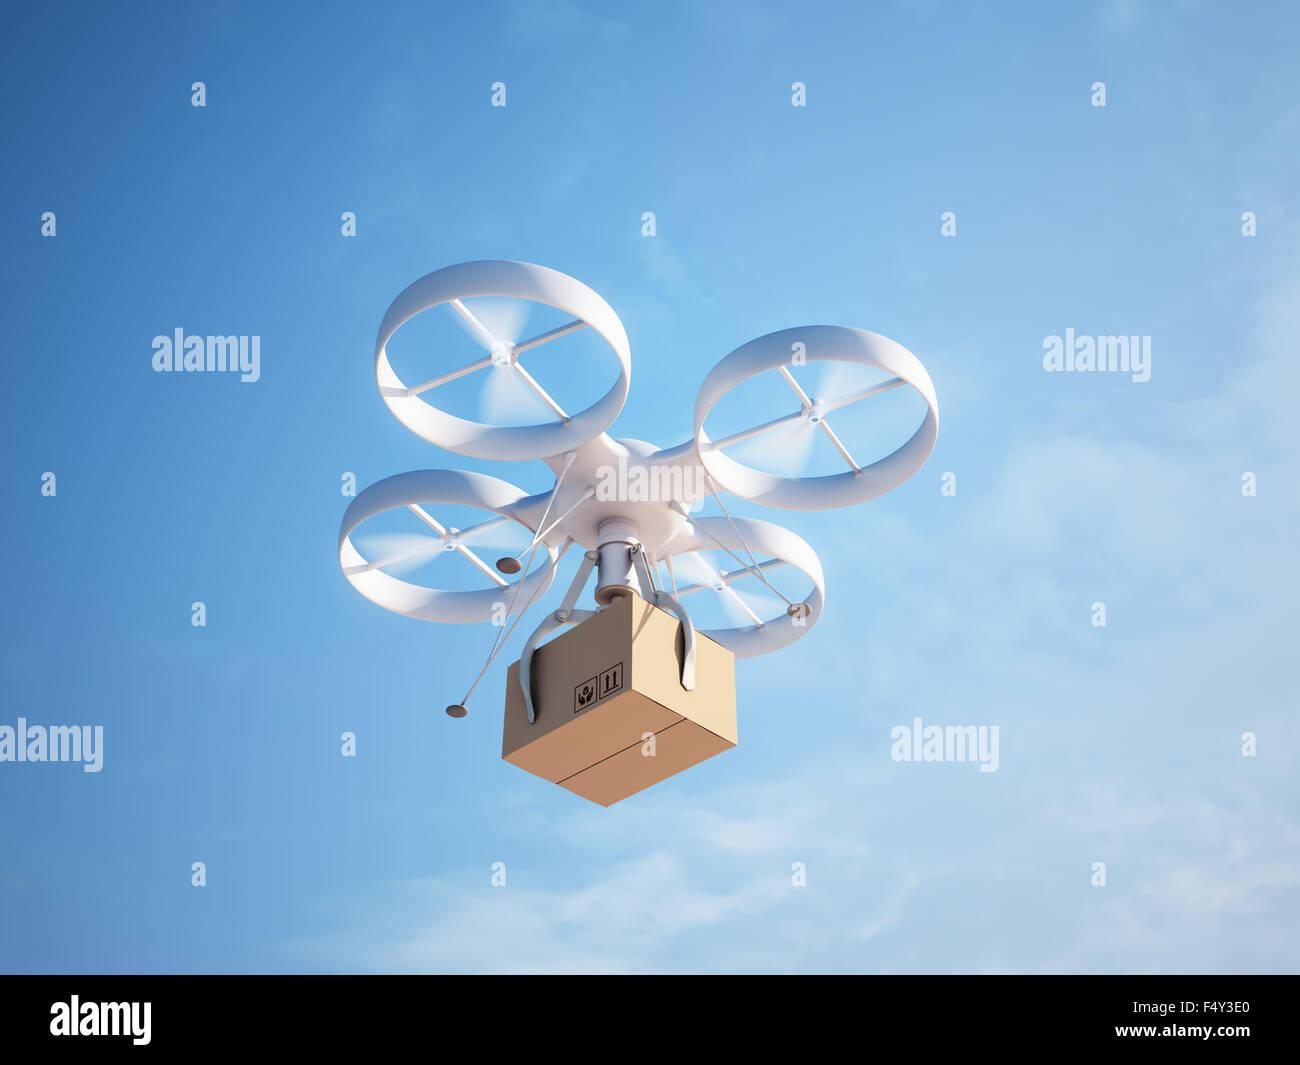 Drone offrendo un pacchetto - logistica autonoma Immagini Stock